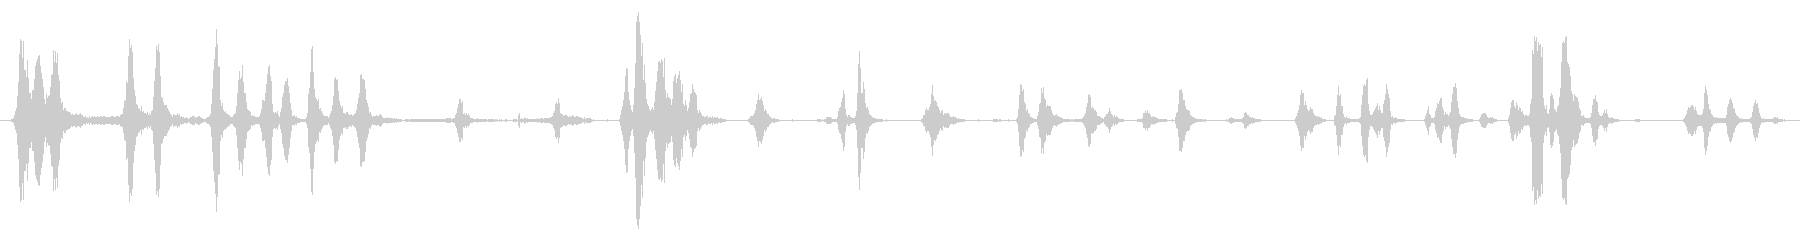 犬 犬の近所の樹皮03の未再生の波形